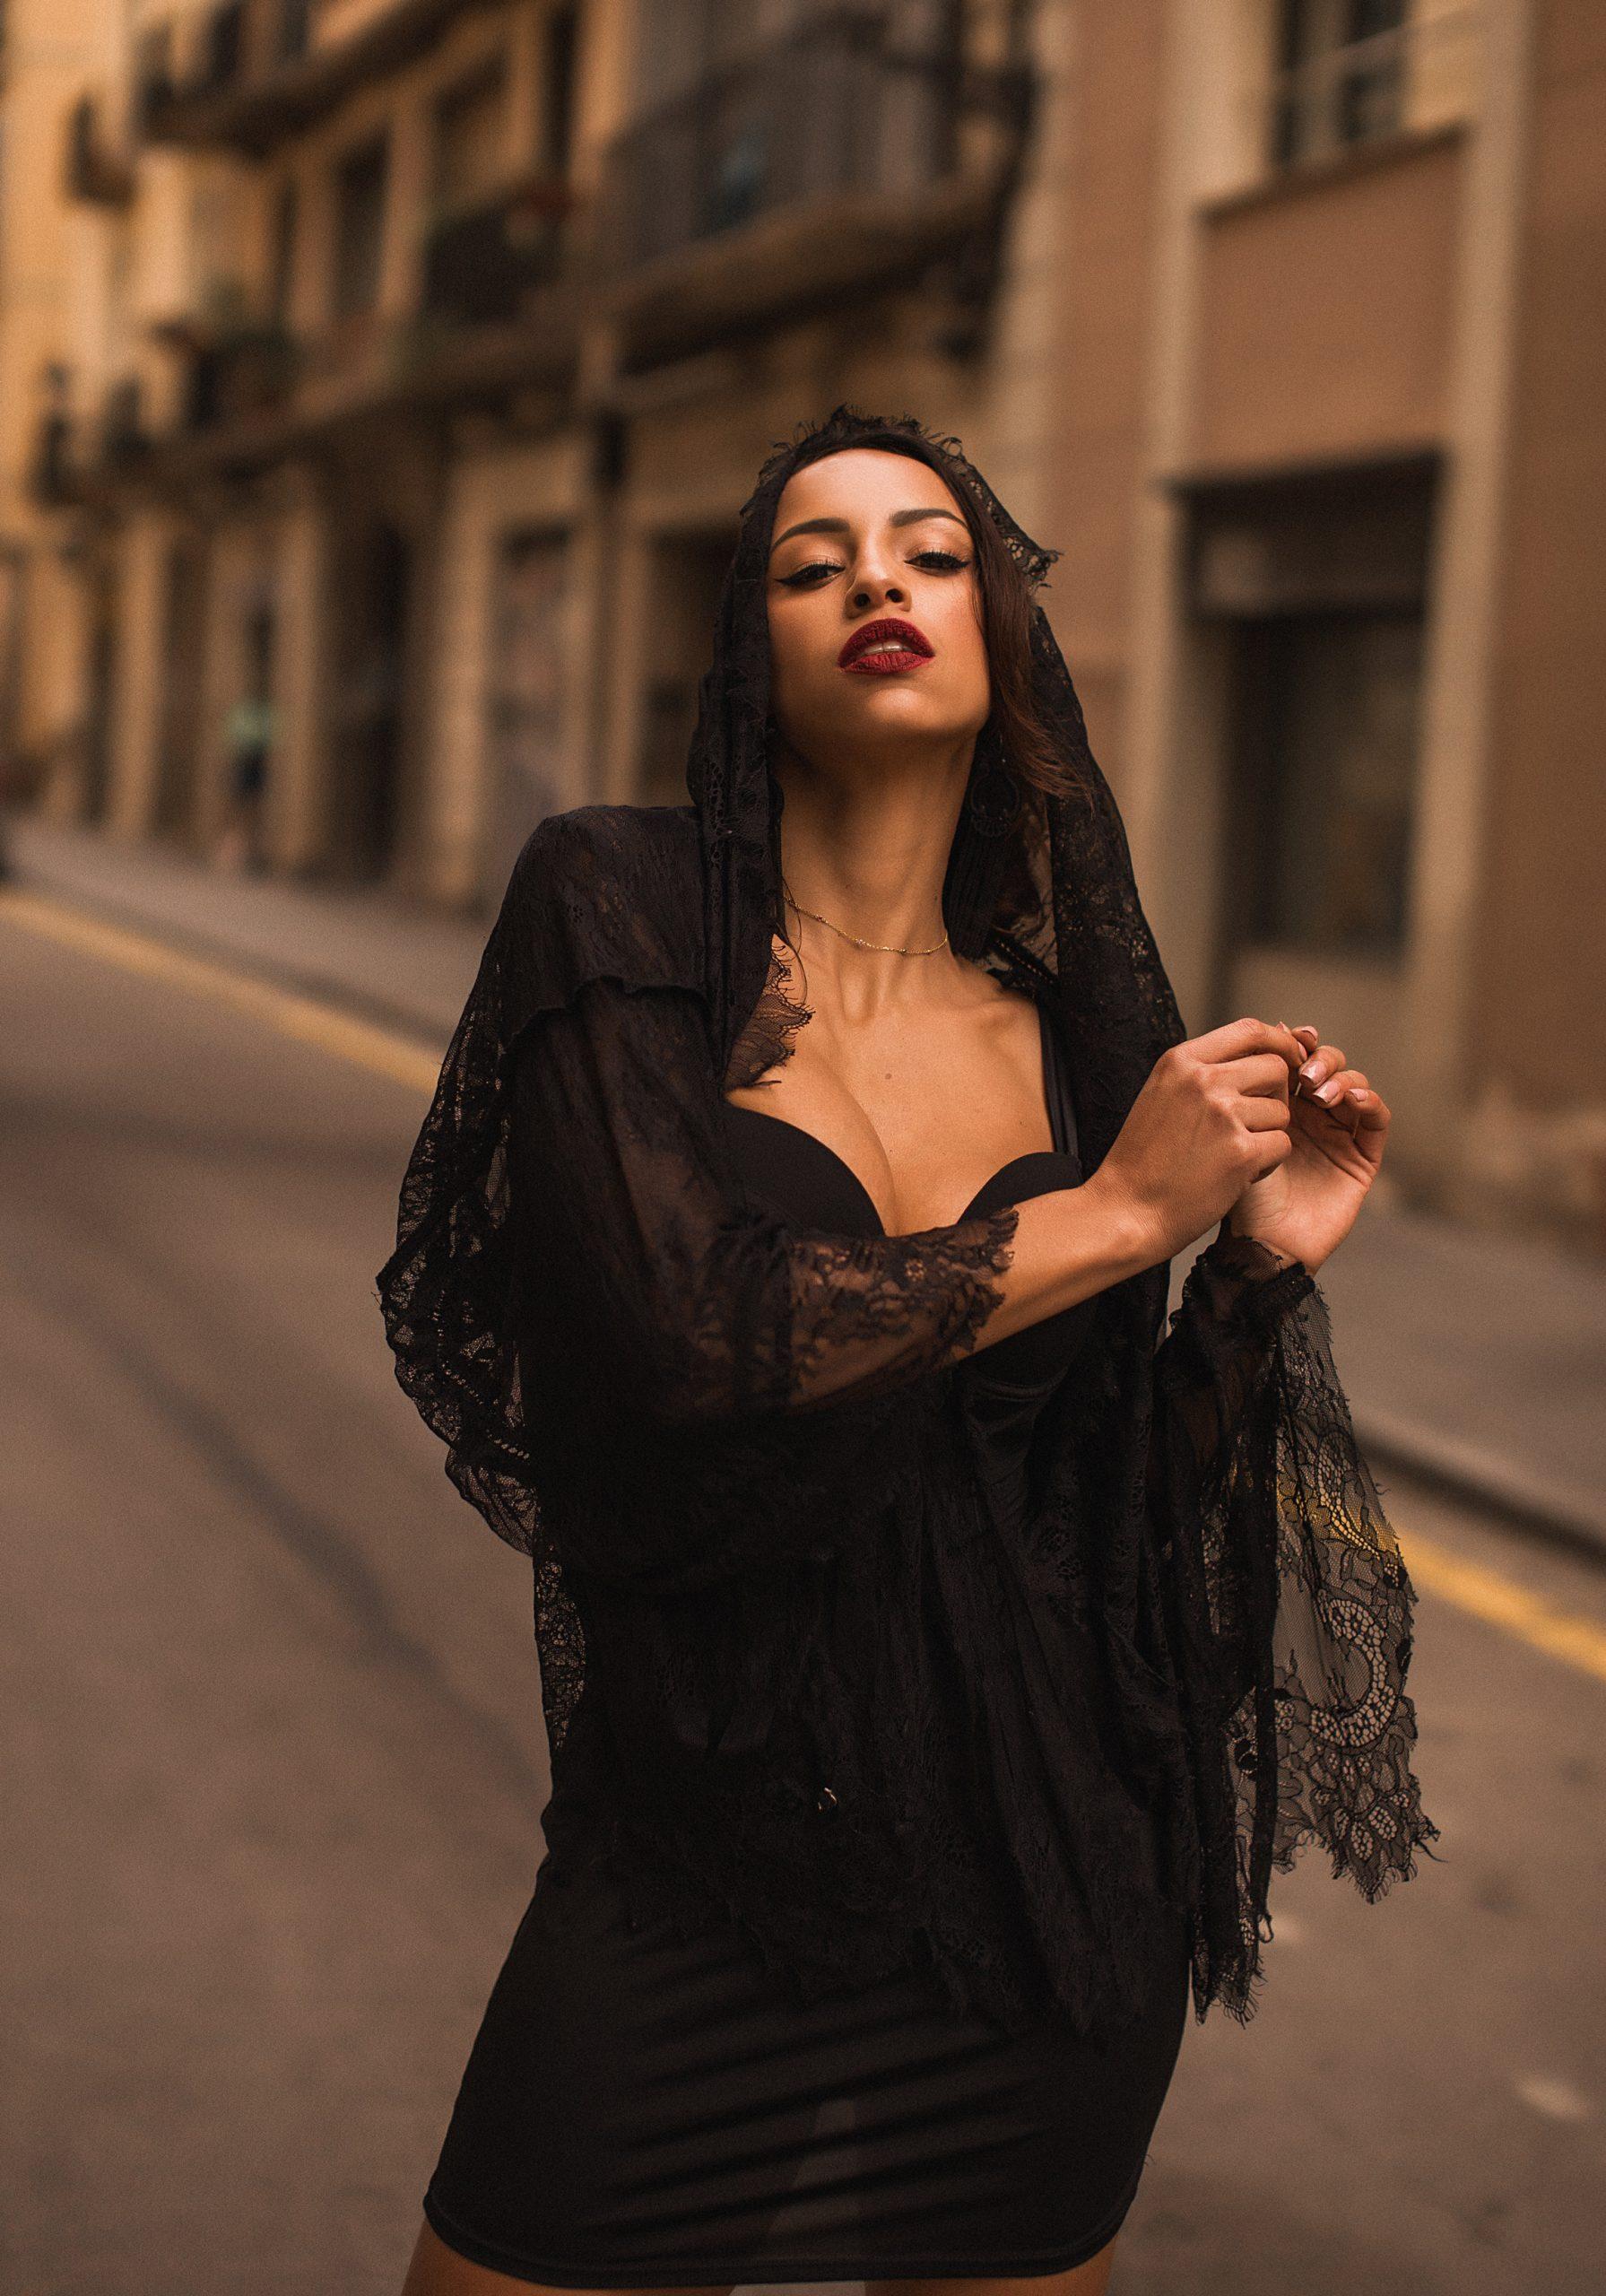 Ana Veronica fotos